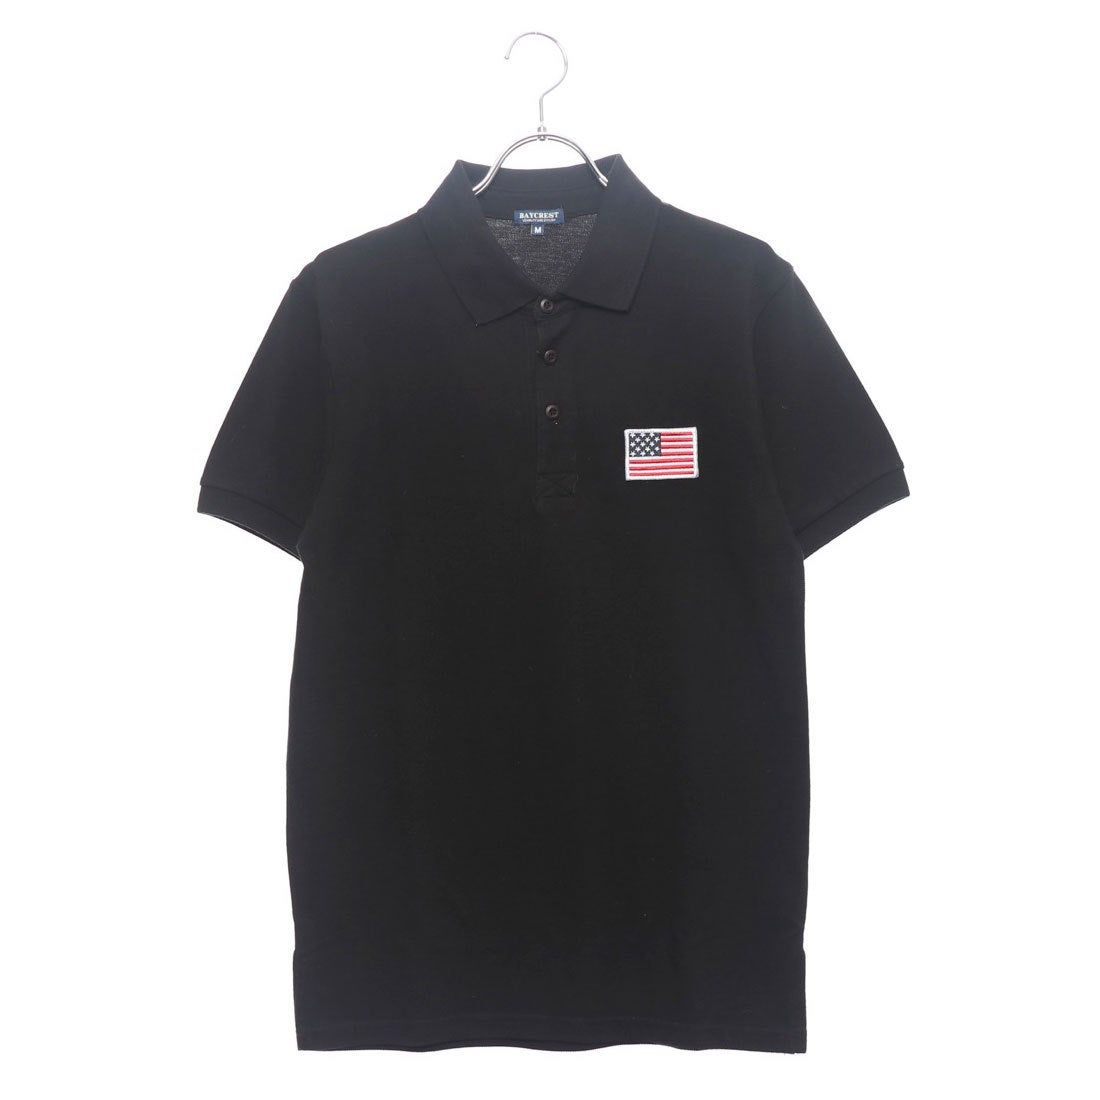 ロコンド 靴とファッションの通販サイトスタイルブロック STYLEBLOCK USA星条旗胸刺繍鹿の子半袖ポロシャツ (ブラック)